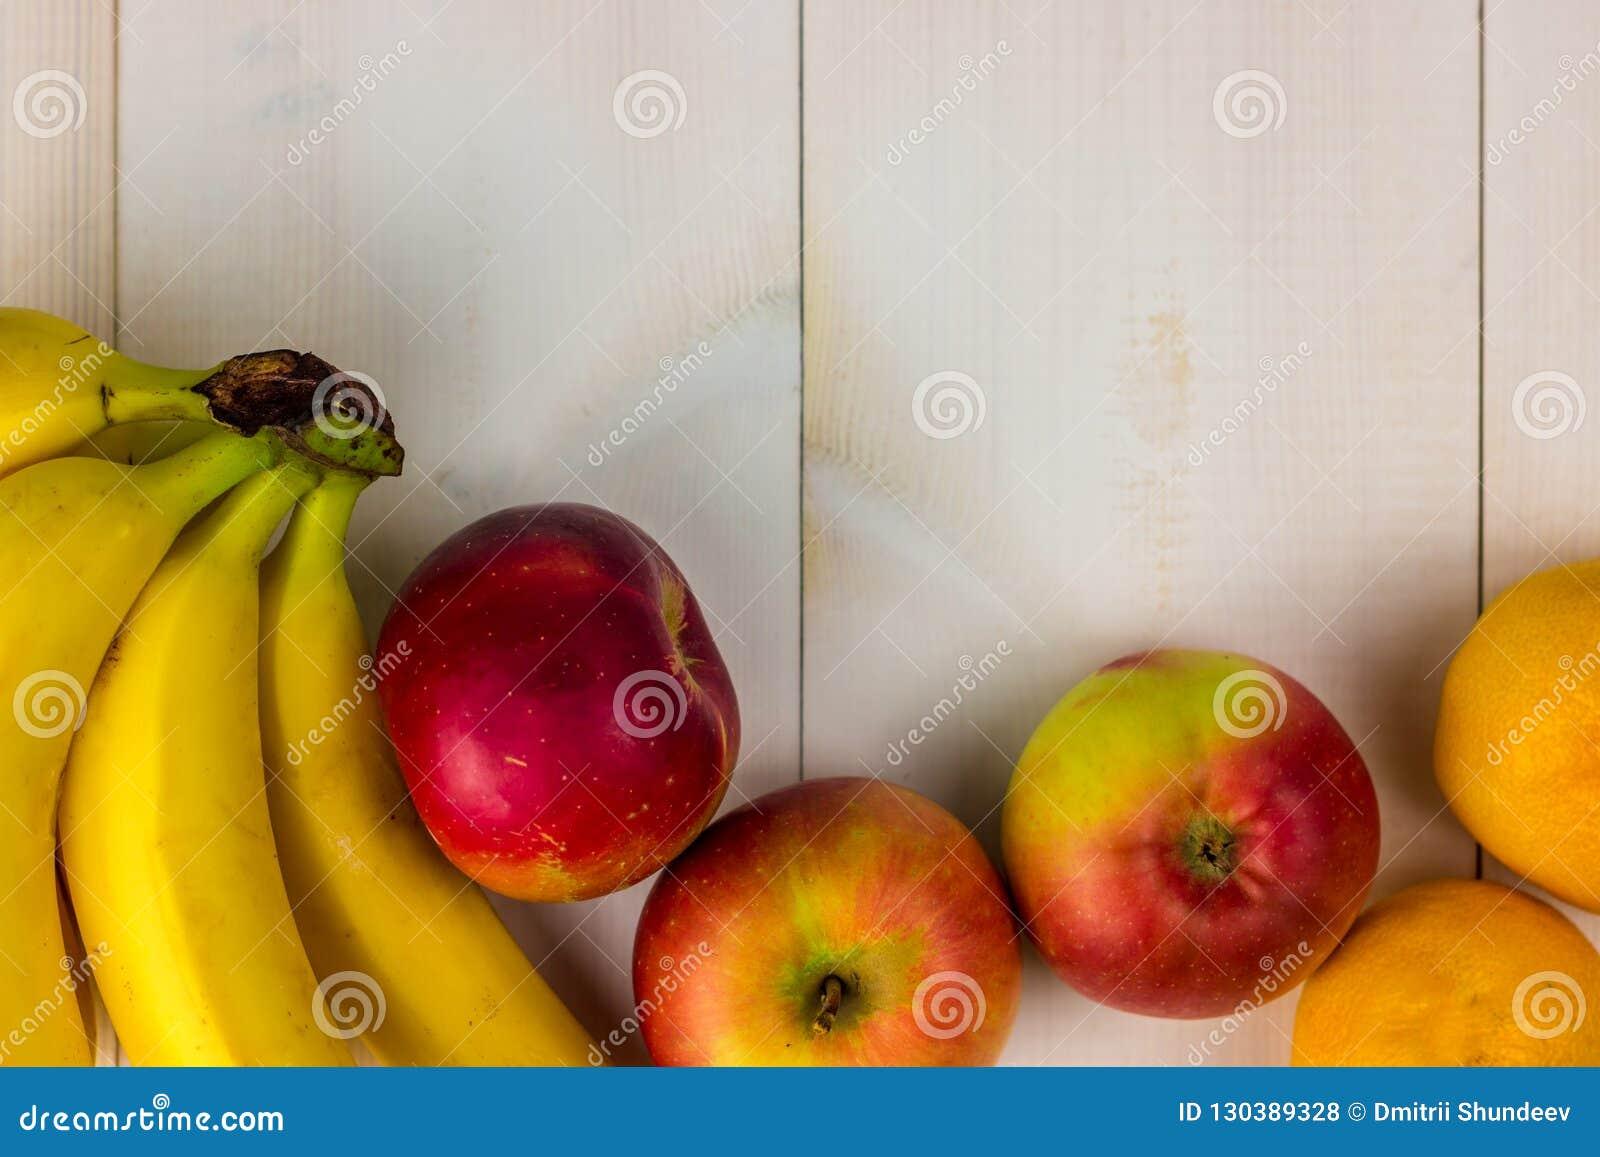 BANDERA, frutas coloridas en la tabla de madera blanca, plátanos, carambola, mango, papaya, mandarín, rambutan, Pamela, copia del